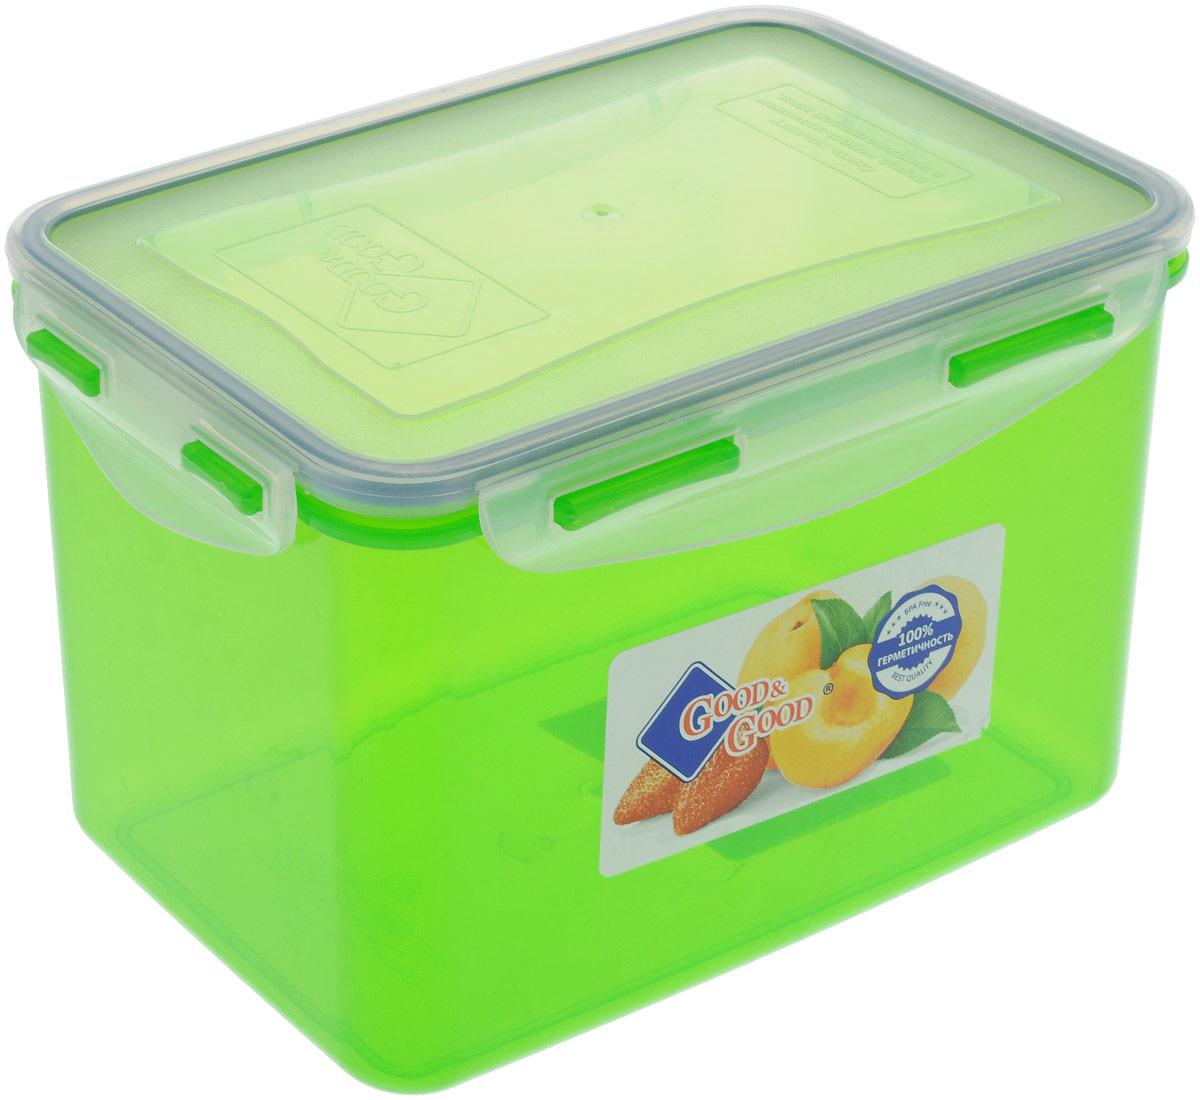 Контейнер пищевой Good&Good, цвет в ассортименте, 2,2 л контейнер пищевой good